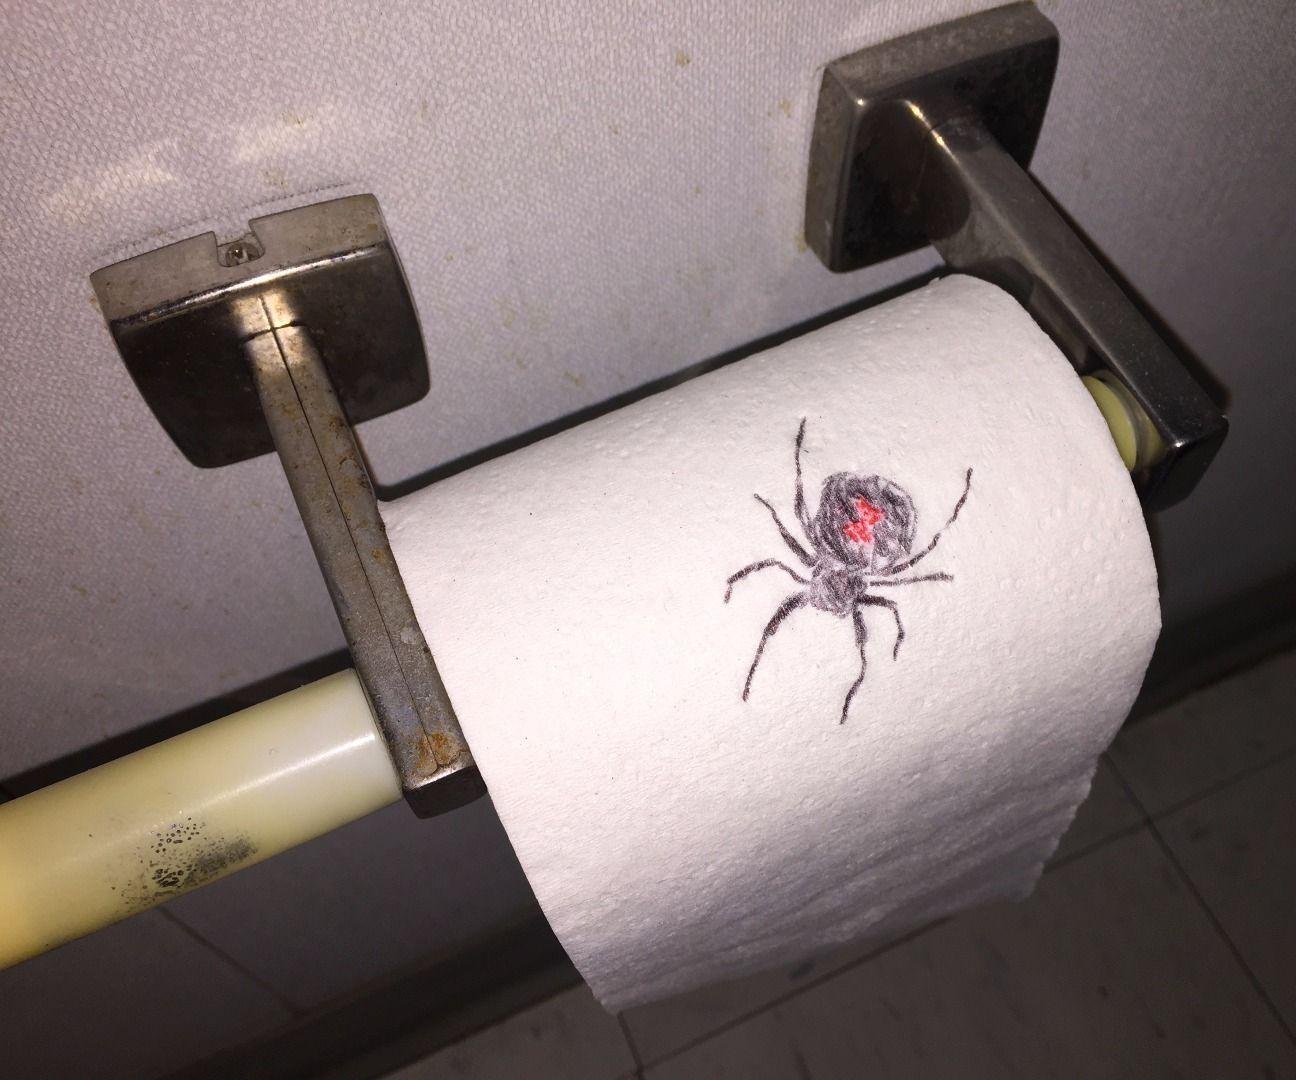 Drawn spider toilet paper #10